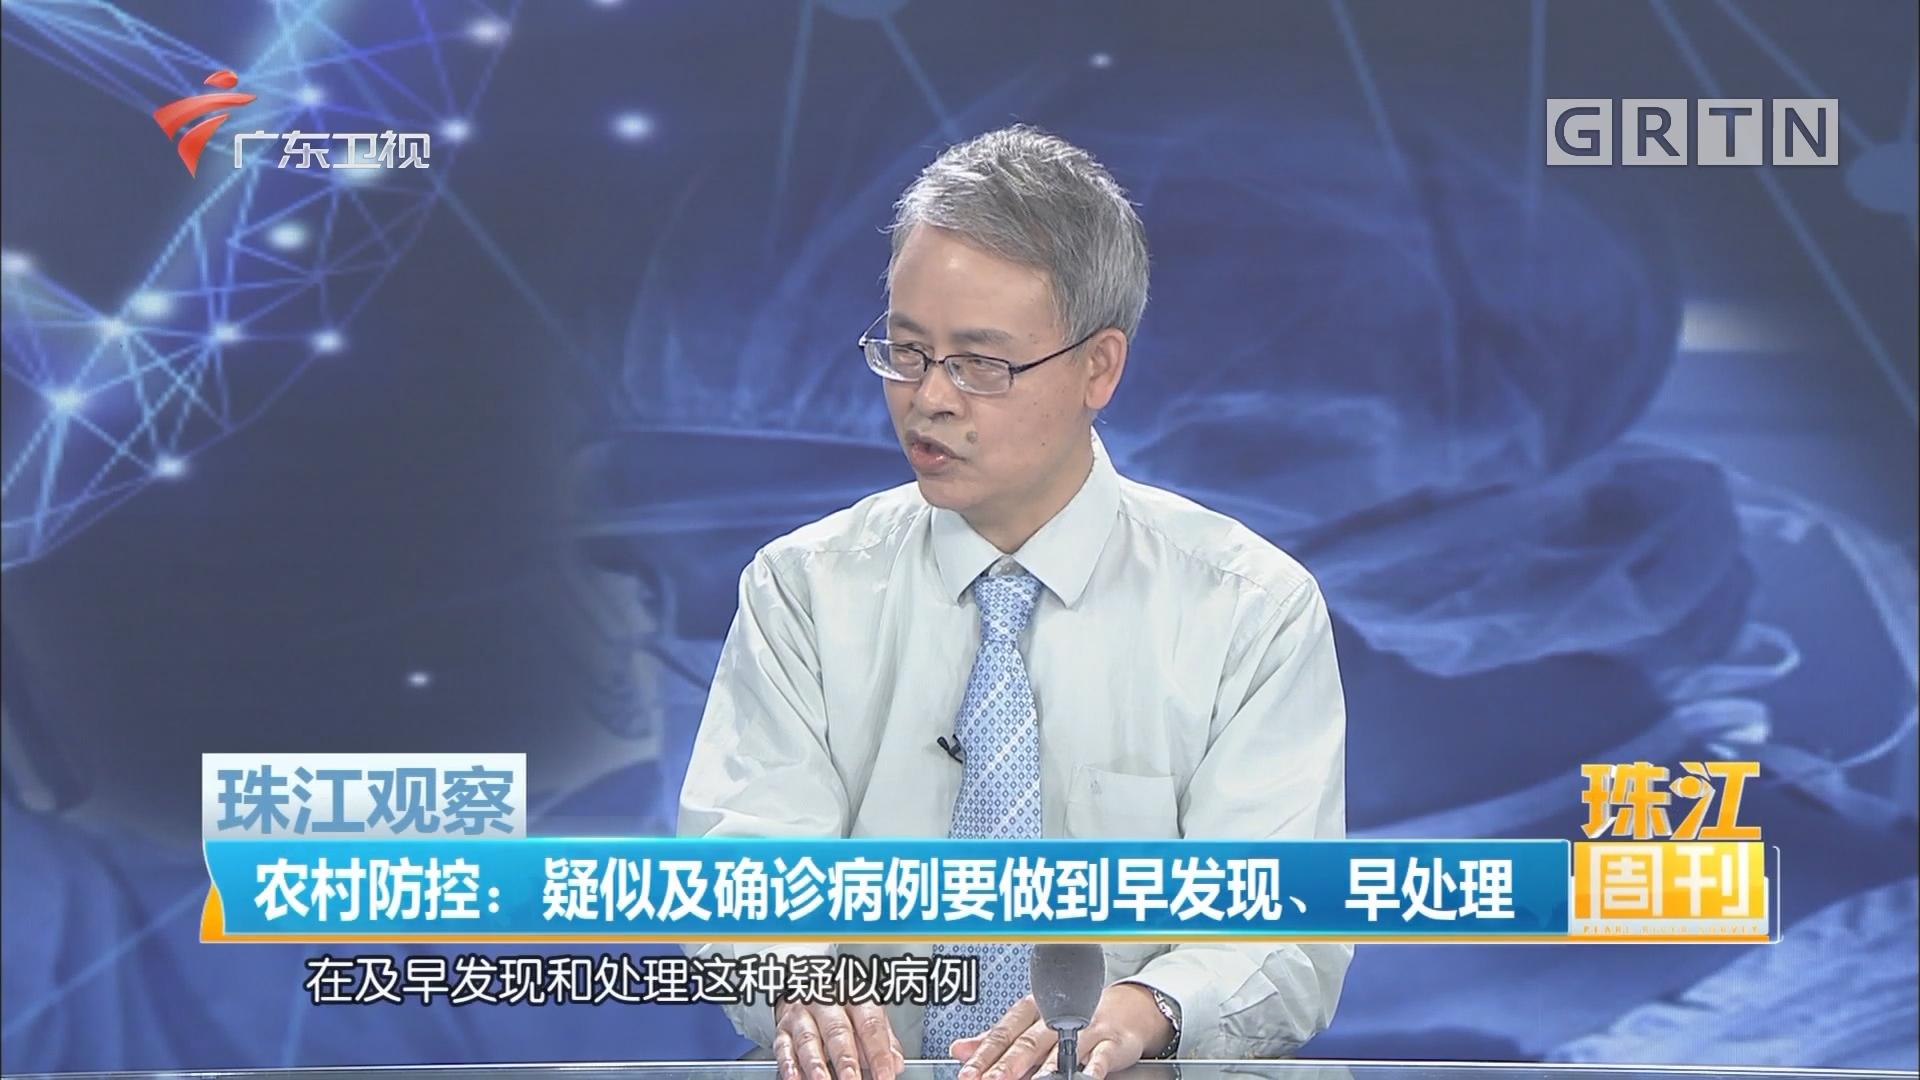 珠江观察 农村防控:疑似及确诊病例要做到早发现、早处理